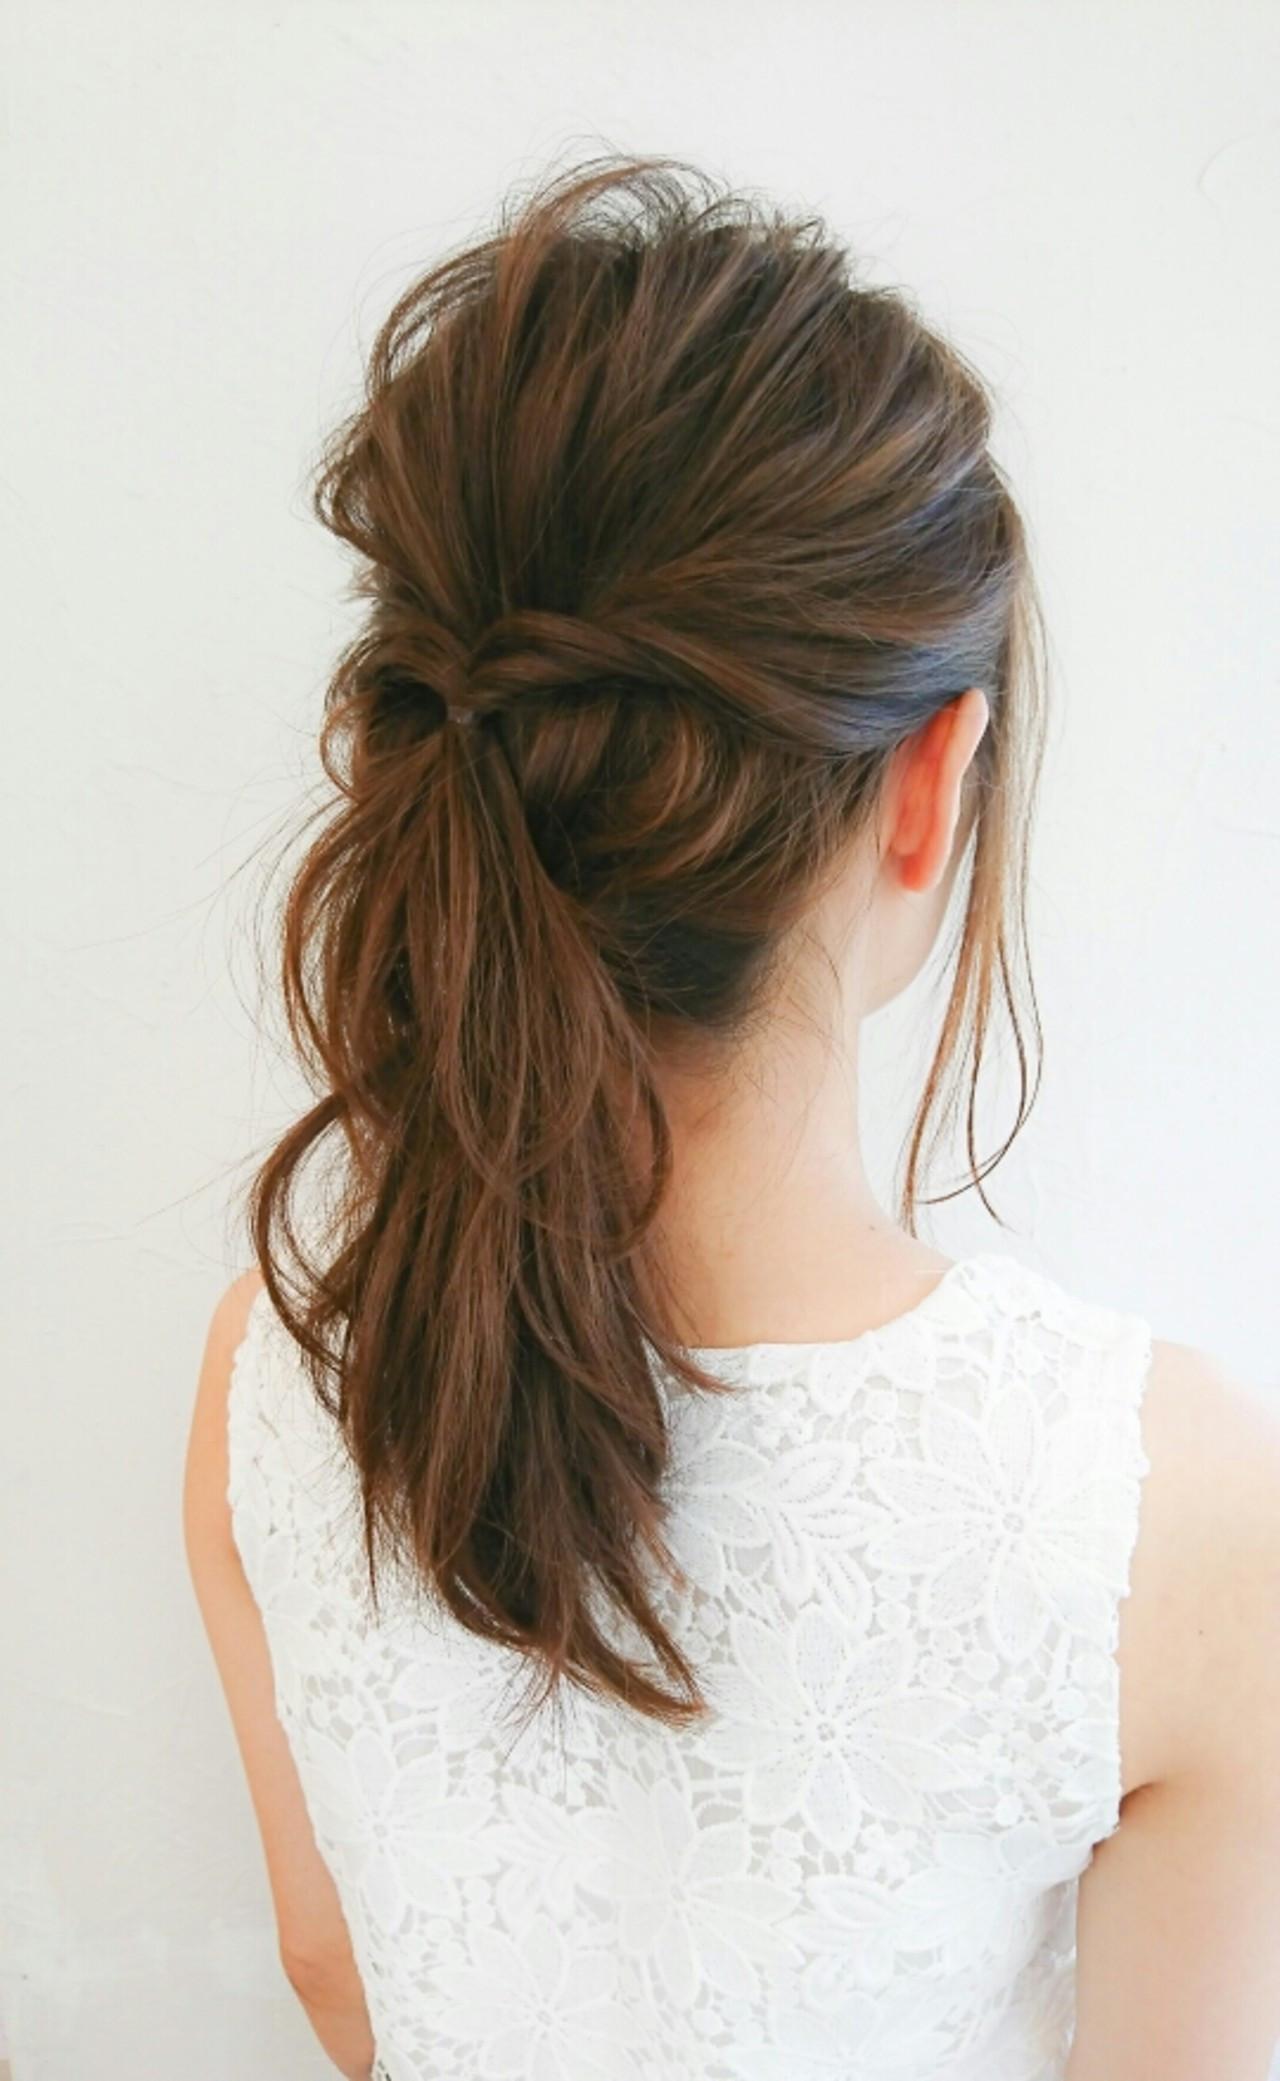 フェミニン ヘアアレンジ セミロング 結婚式 ヘアスタイルや髪型の写真・画像